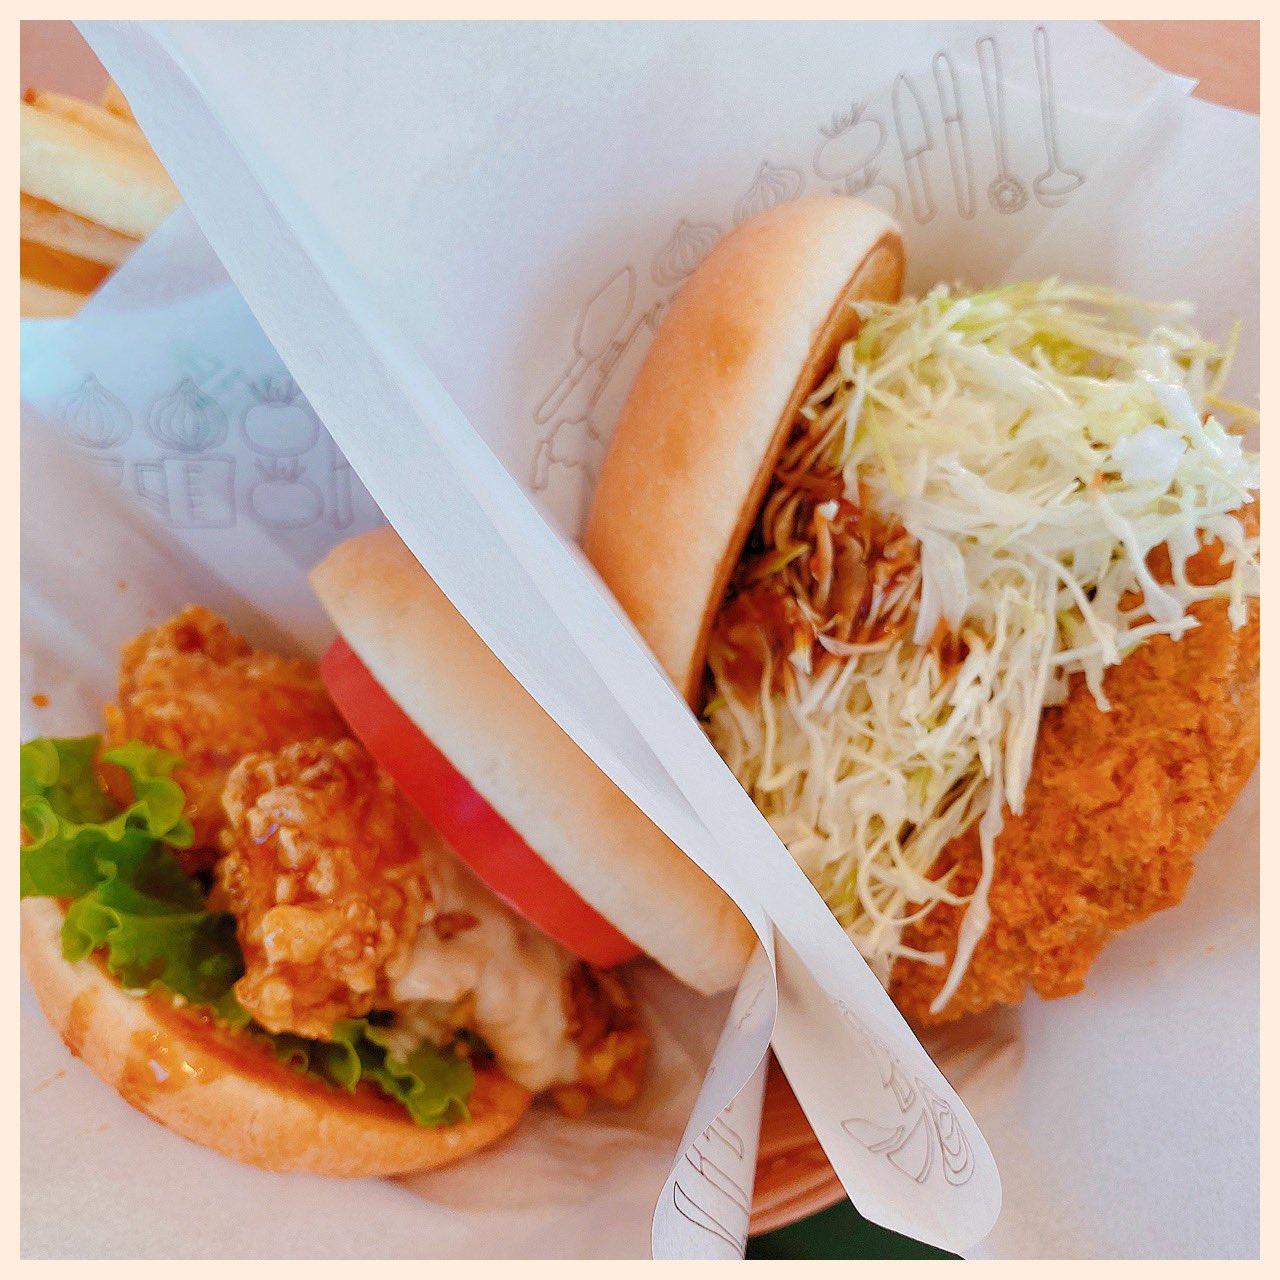 ちょーしょく。海老天七味マヨ and ジャンボメンチ at モスバーガー https://t.co/KQMc9nqAtK